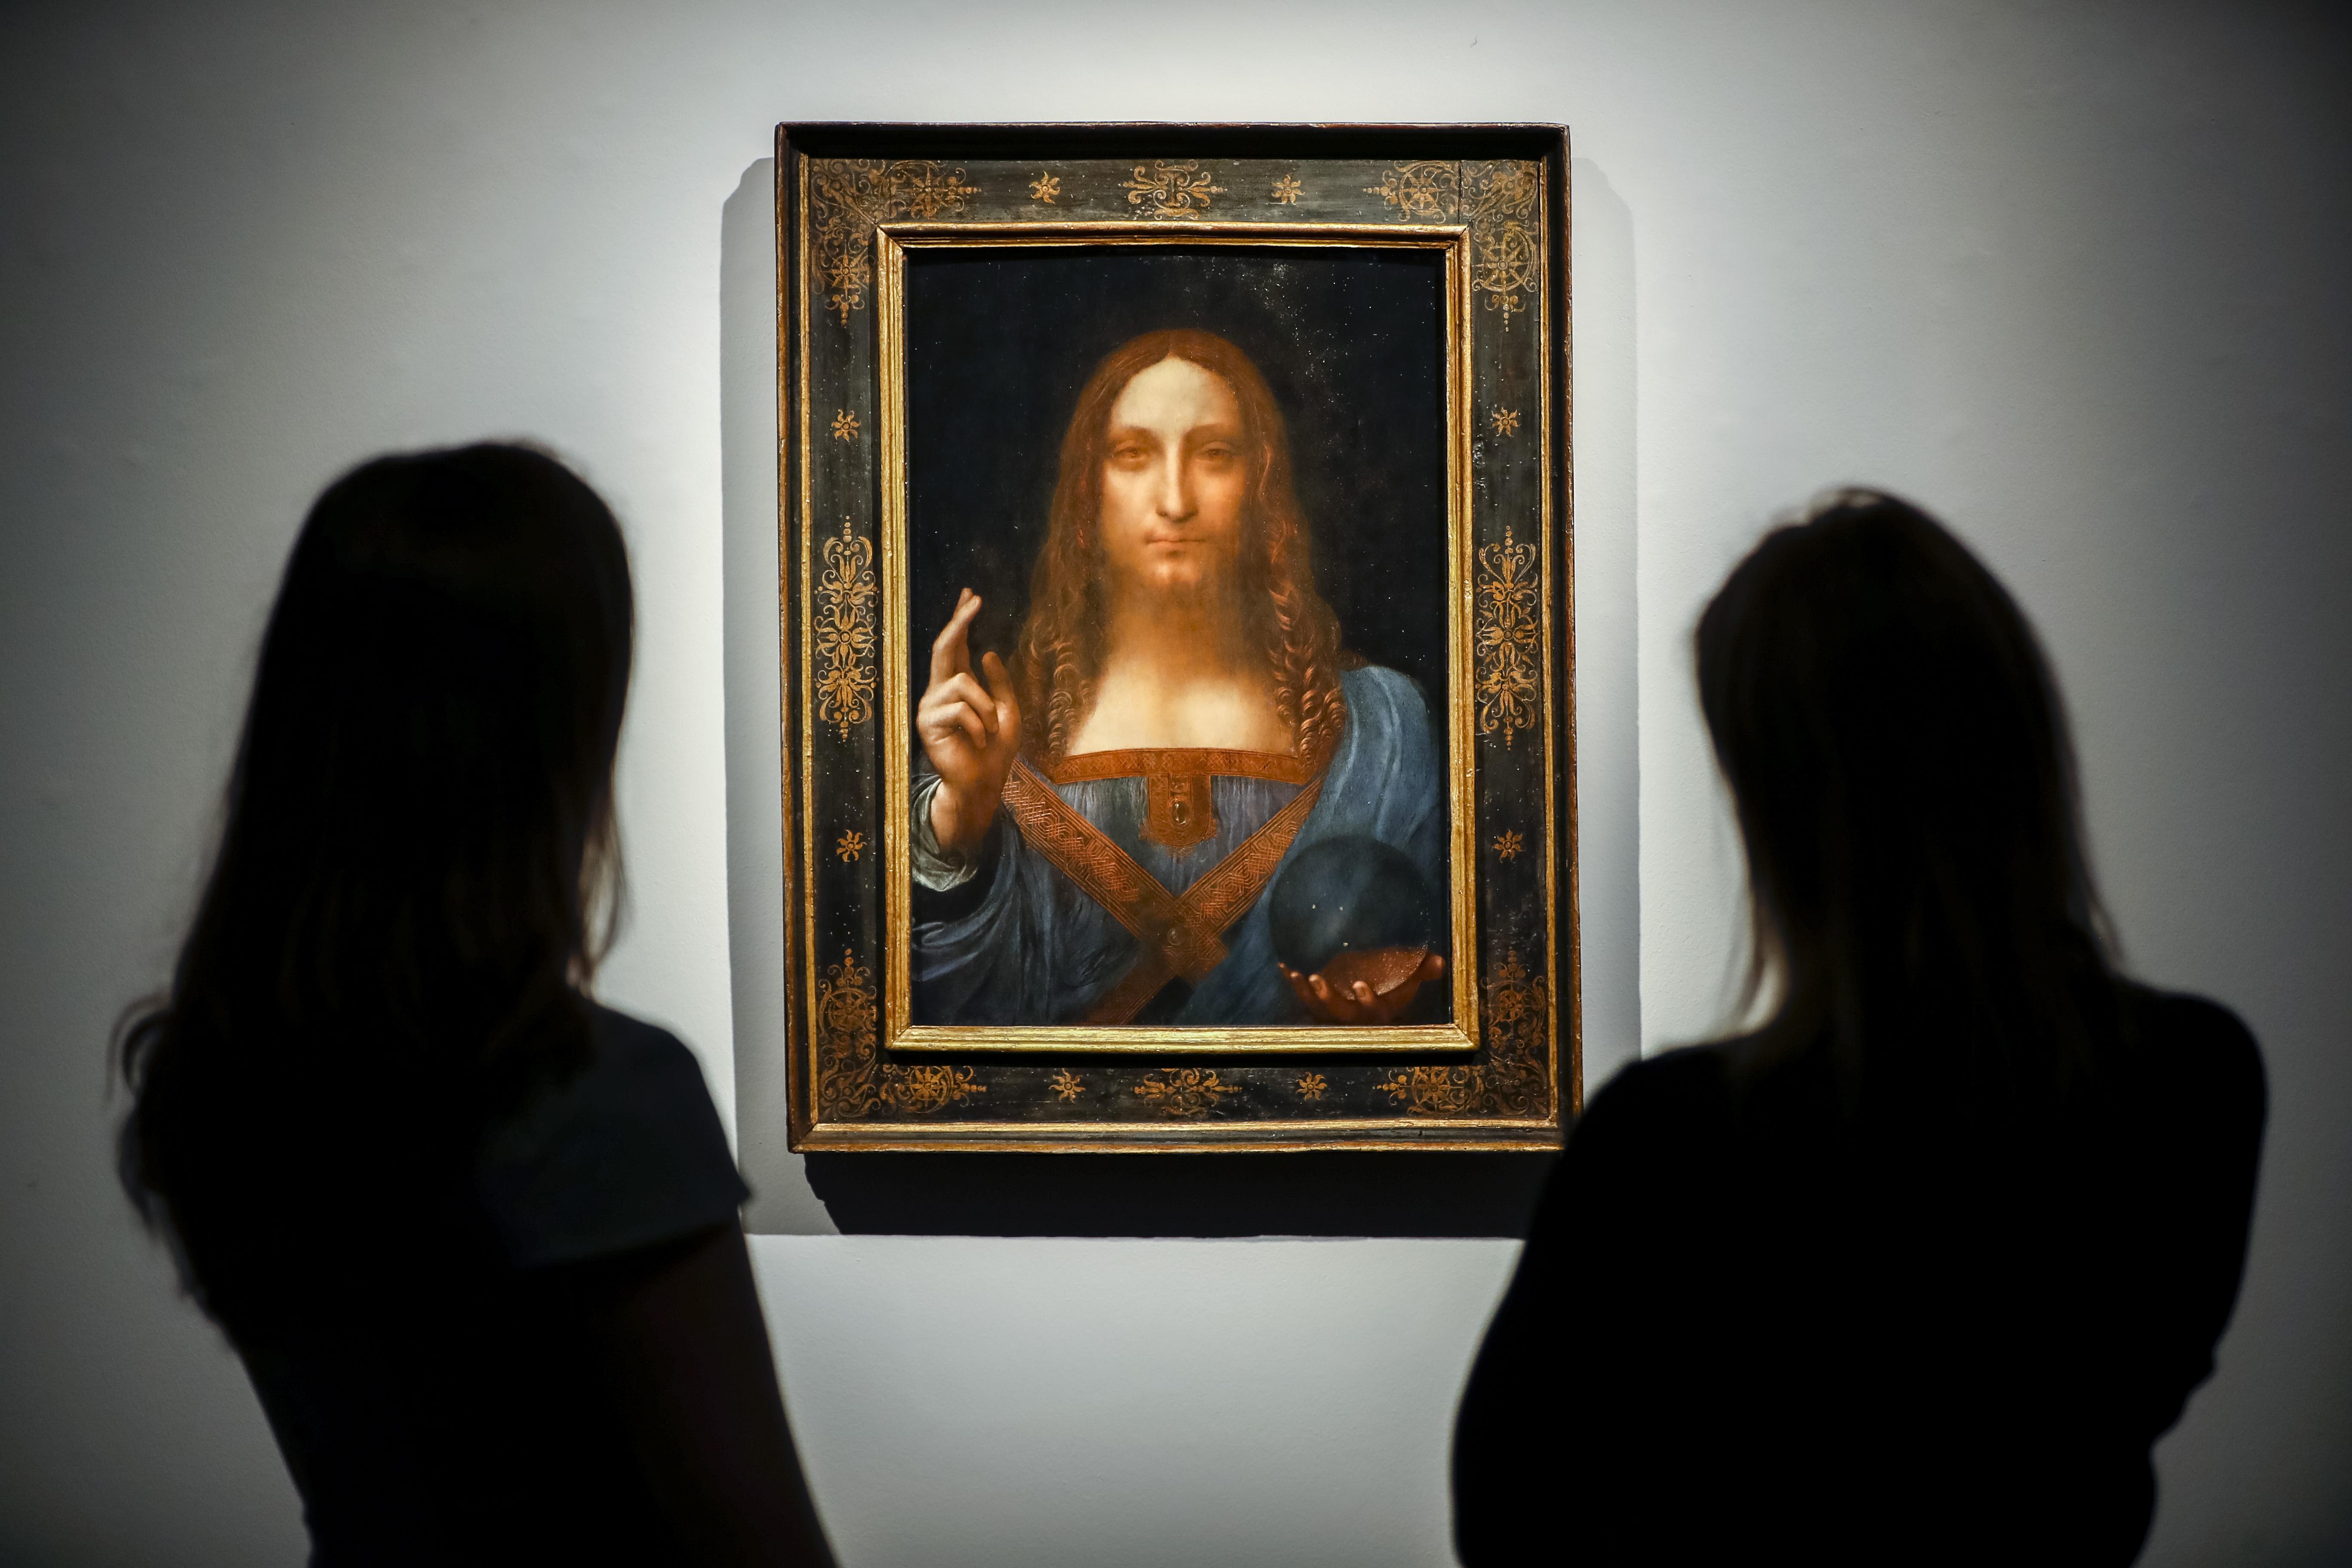 DOUNIAMAG-BRITAIN-US-ENTERTAINMENT-ART-AUCTION-CHRISTIES